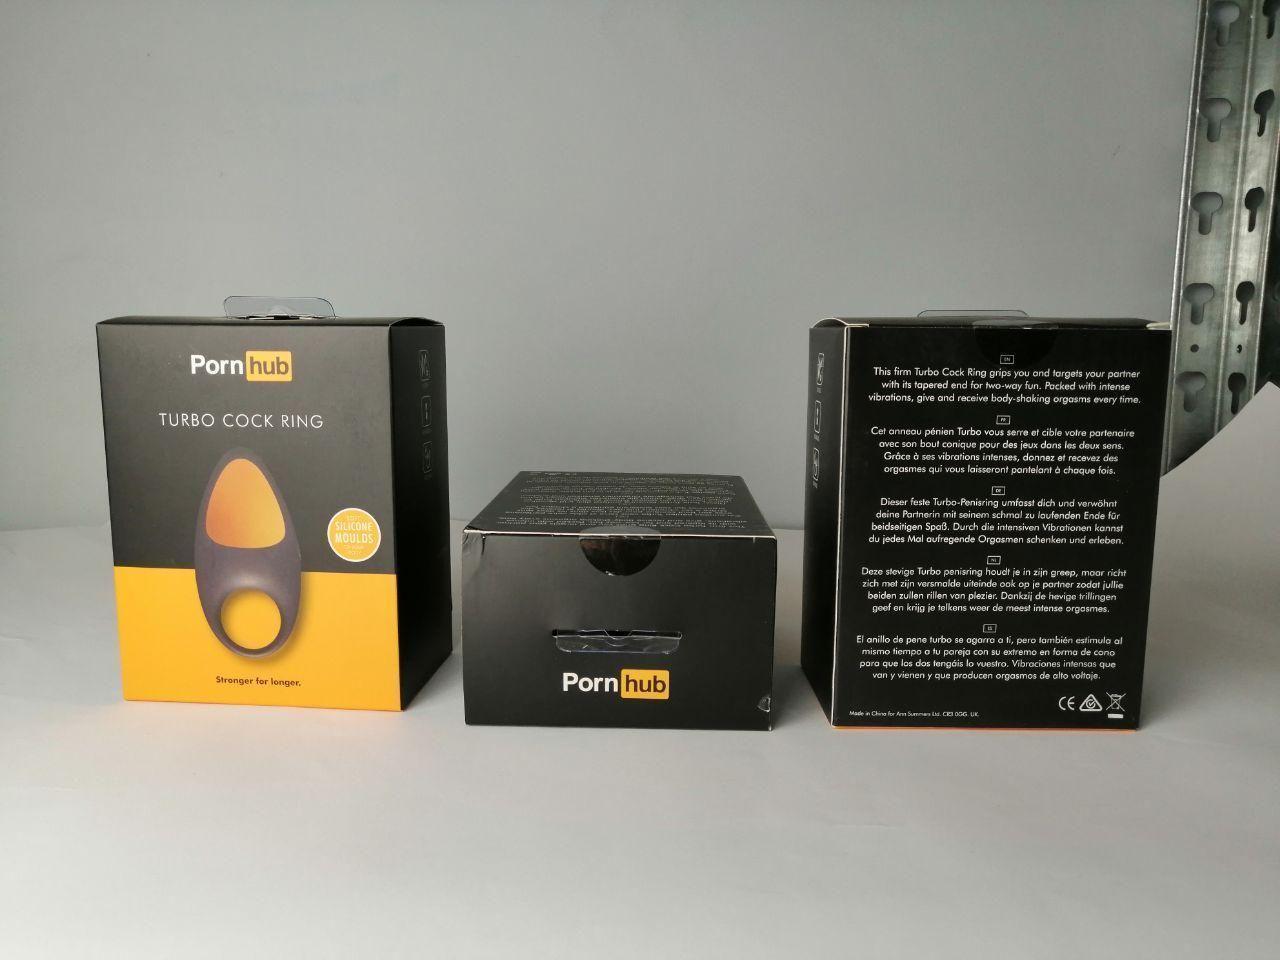 Эрекционное виброкольцо Pornhub Turbo Cock Ring (незначительные дефекты упаковки) 18+